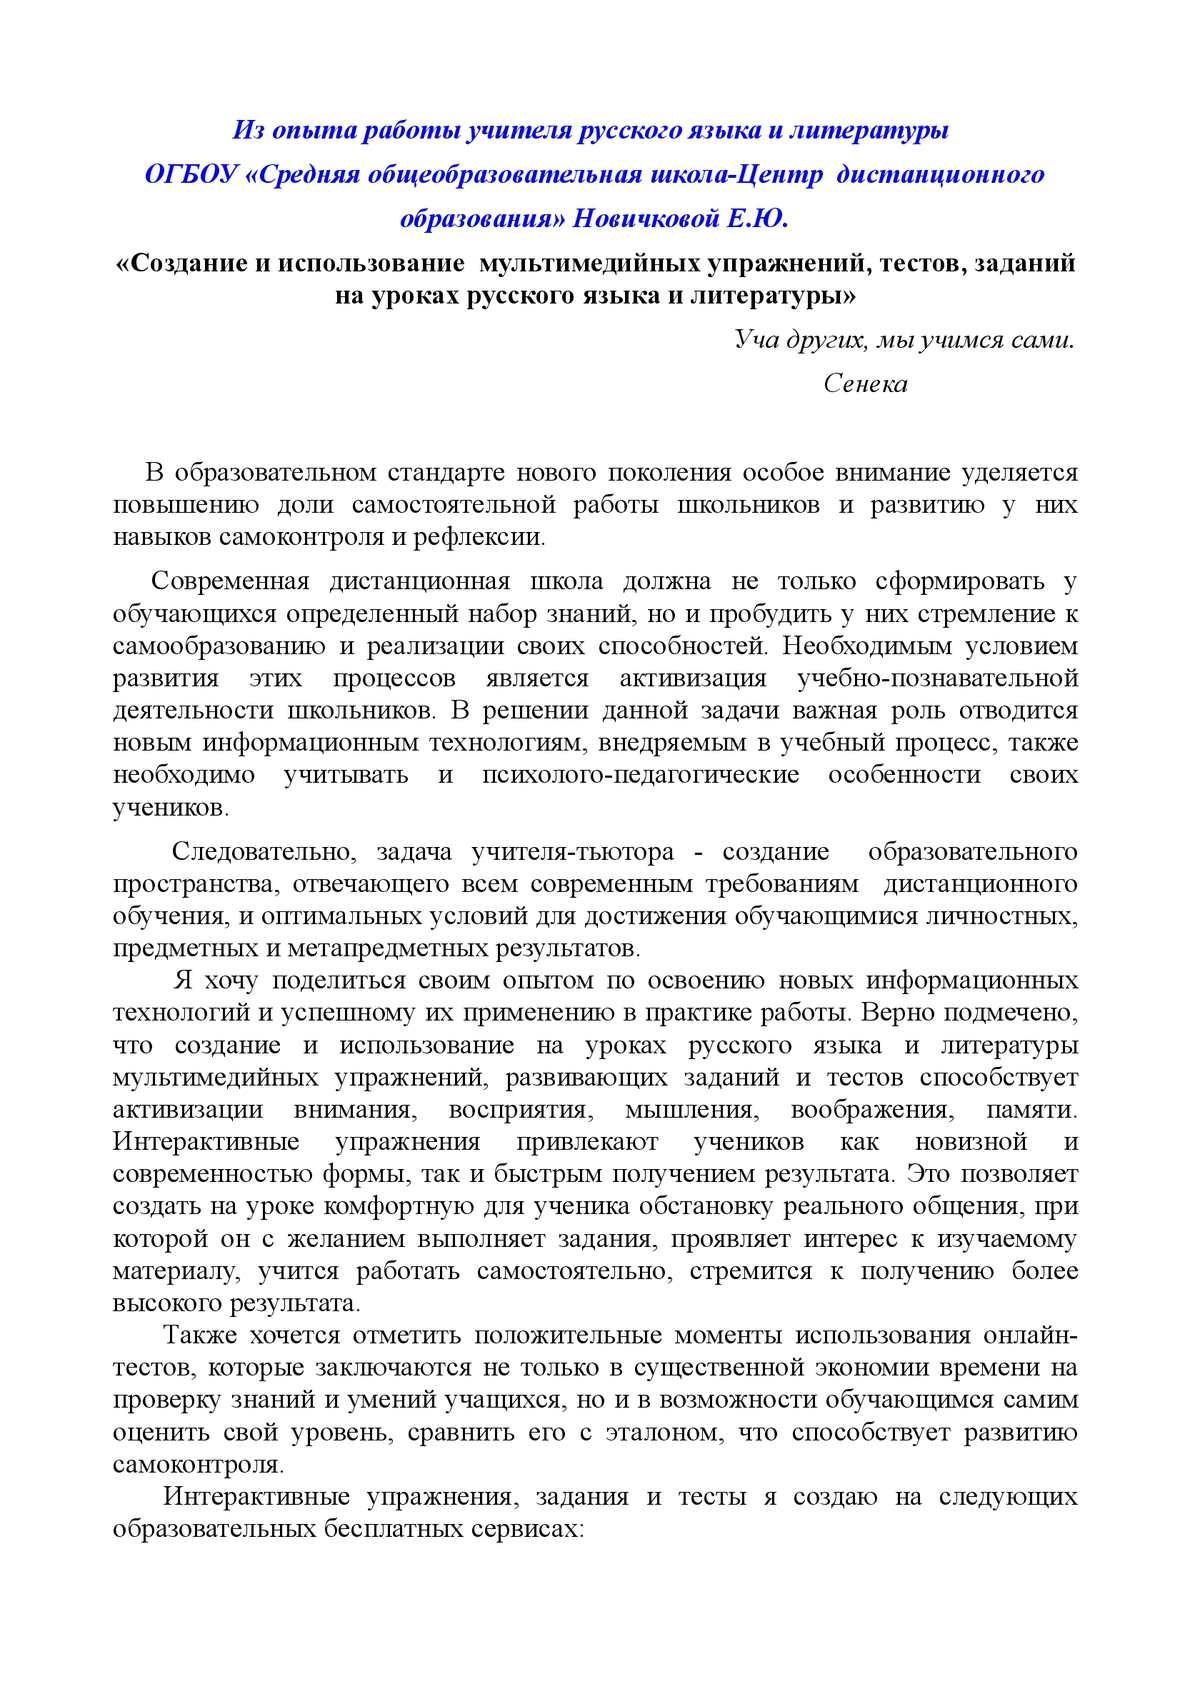 «Создание и использование  мультимедийных упражнений, тестов, заданий на уроках русского языка и литературы»